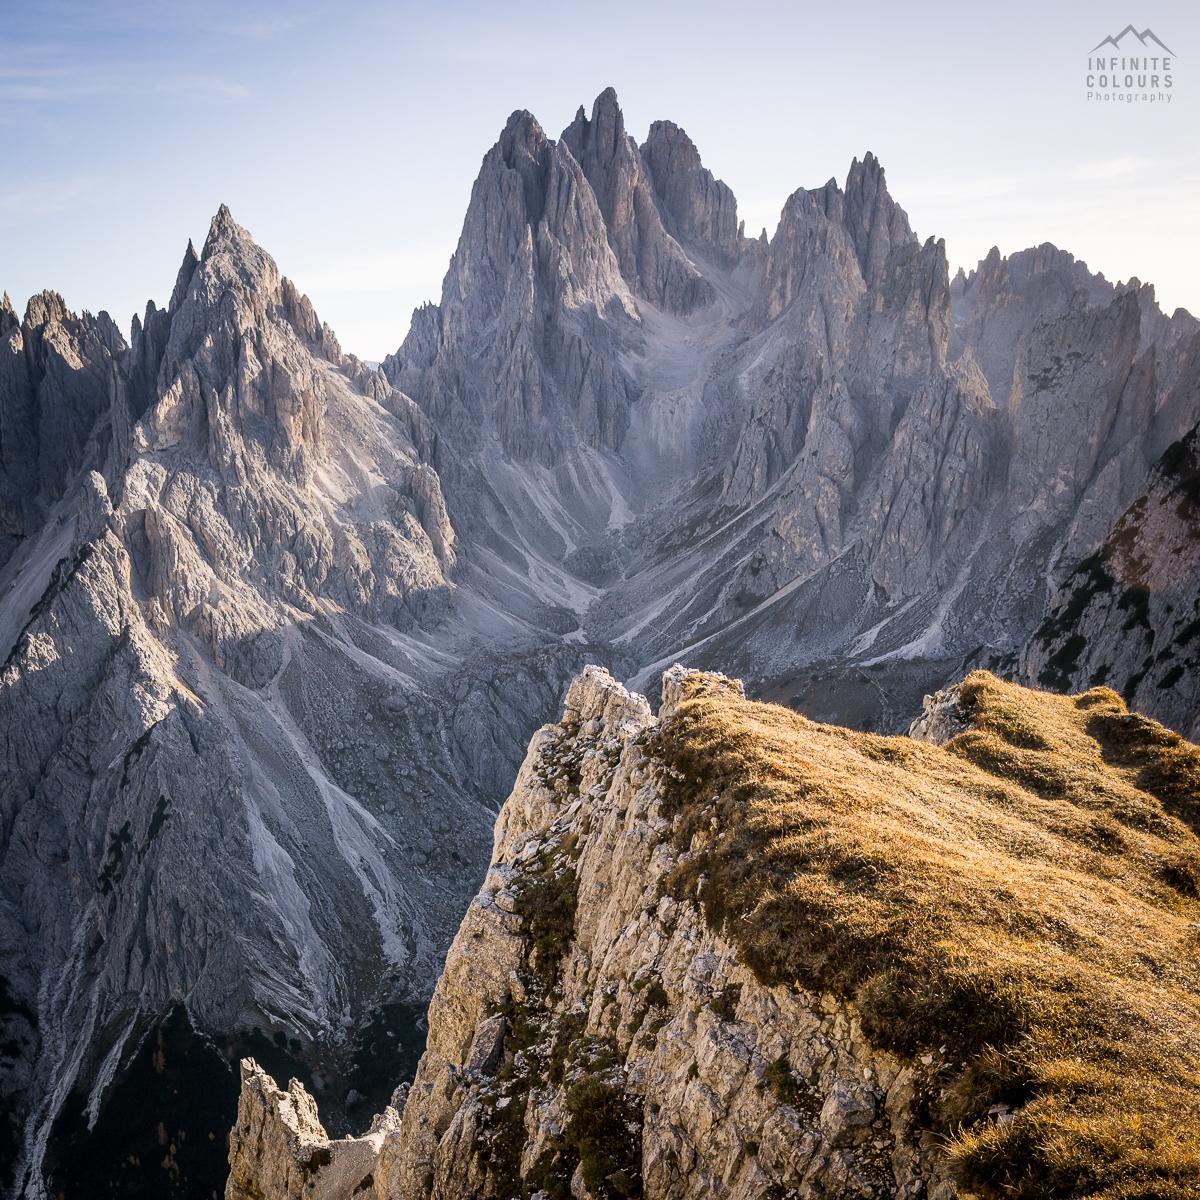 Cadini di Misurina from Sentiero Bonacossa @ Monte Campedelle - Cimon di Croda Liscia, Torre Siorpaes